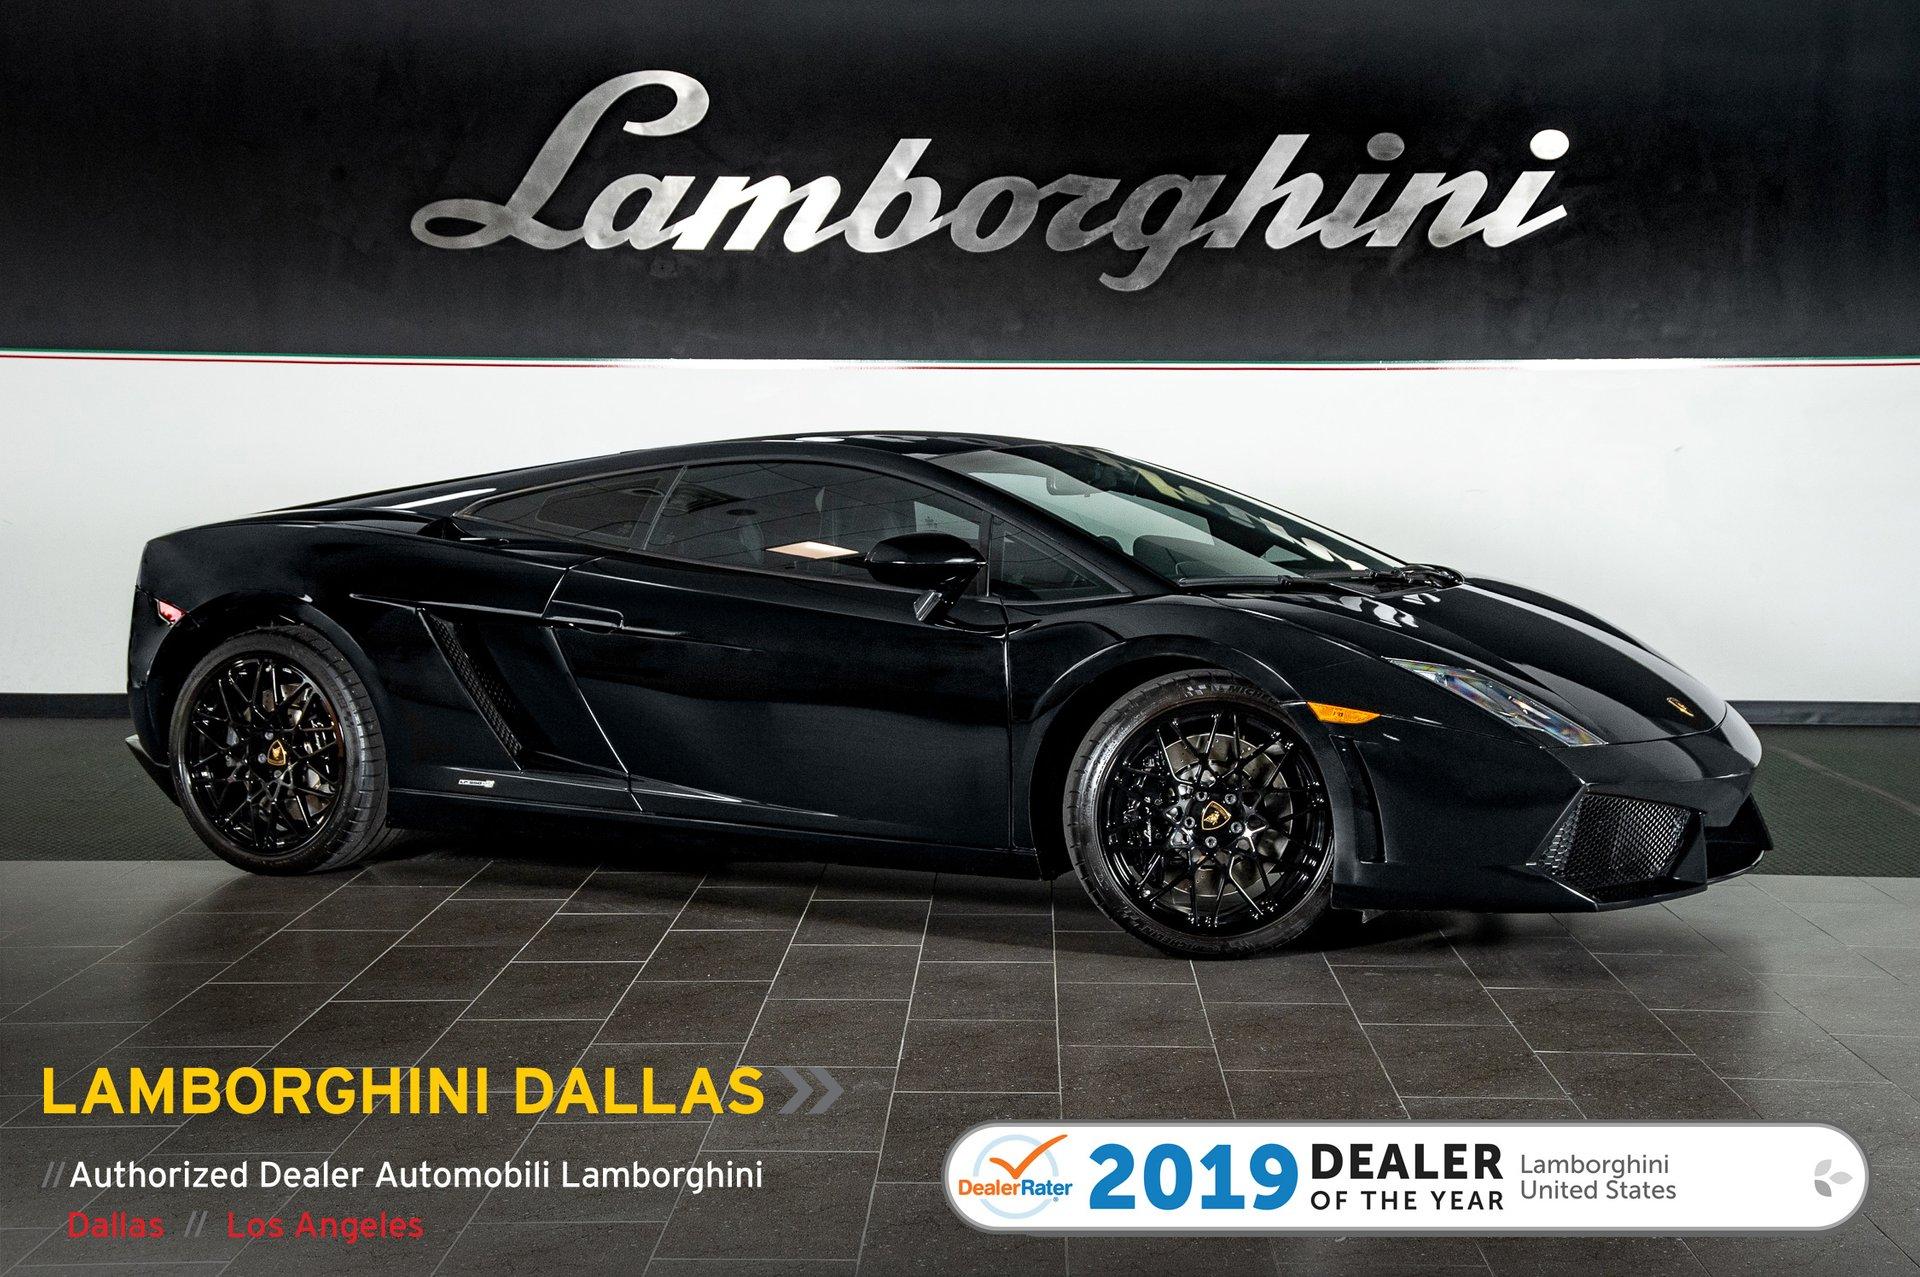 2012 Lamborghini Gallardo Lp 550 2 Black Edition Coupe For Sale